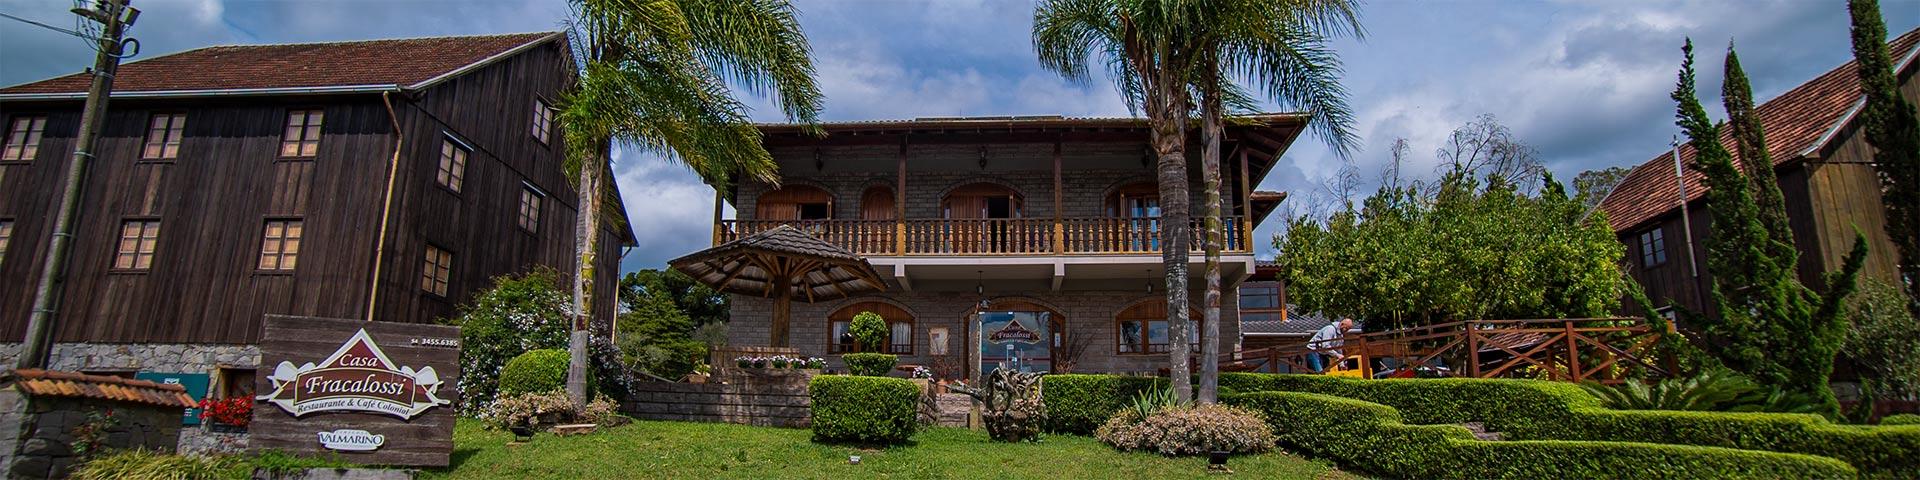 Casa-Fracalossi-Almoco-Colonial-Bonitour-Passeios-em-Serra-Gaucha-2389194_4887.jpg